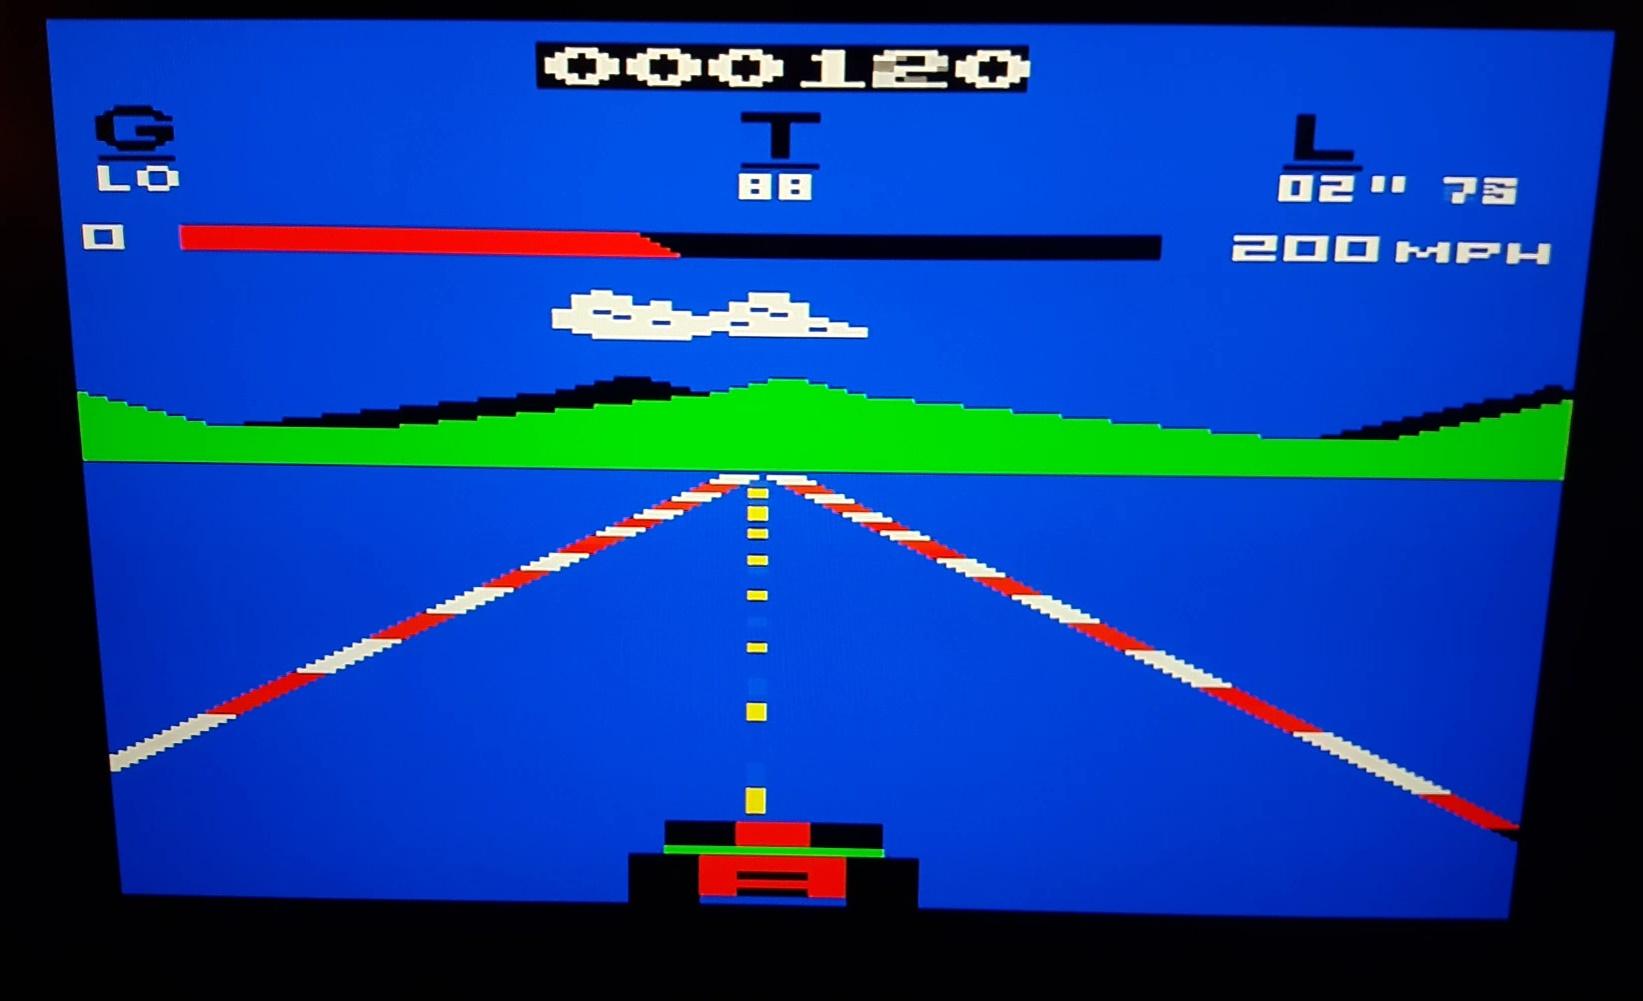 Mod Péritel pour Atari 2600 SECAM - Page 3 1530396574-vlcsnap-2018-07-01-00h07m07s819